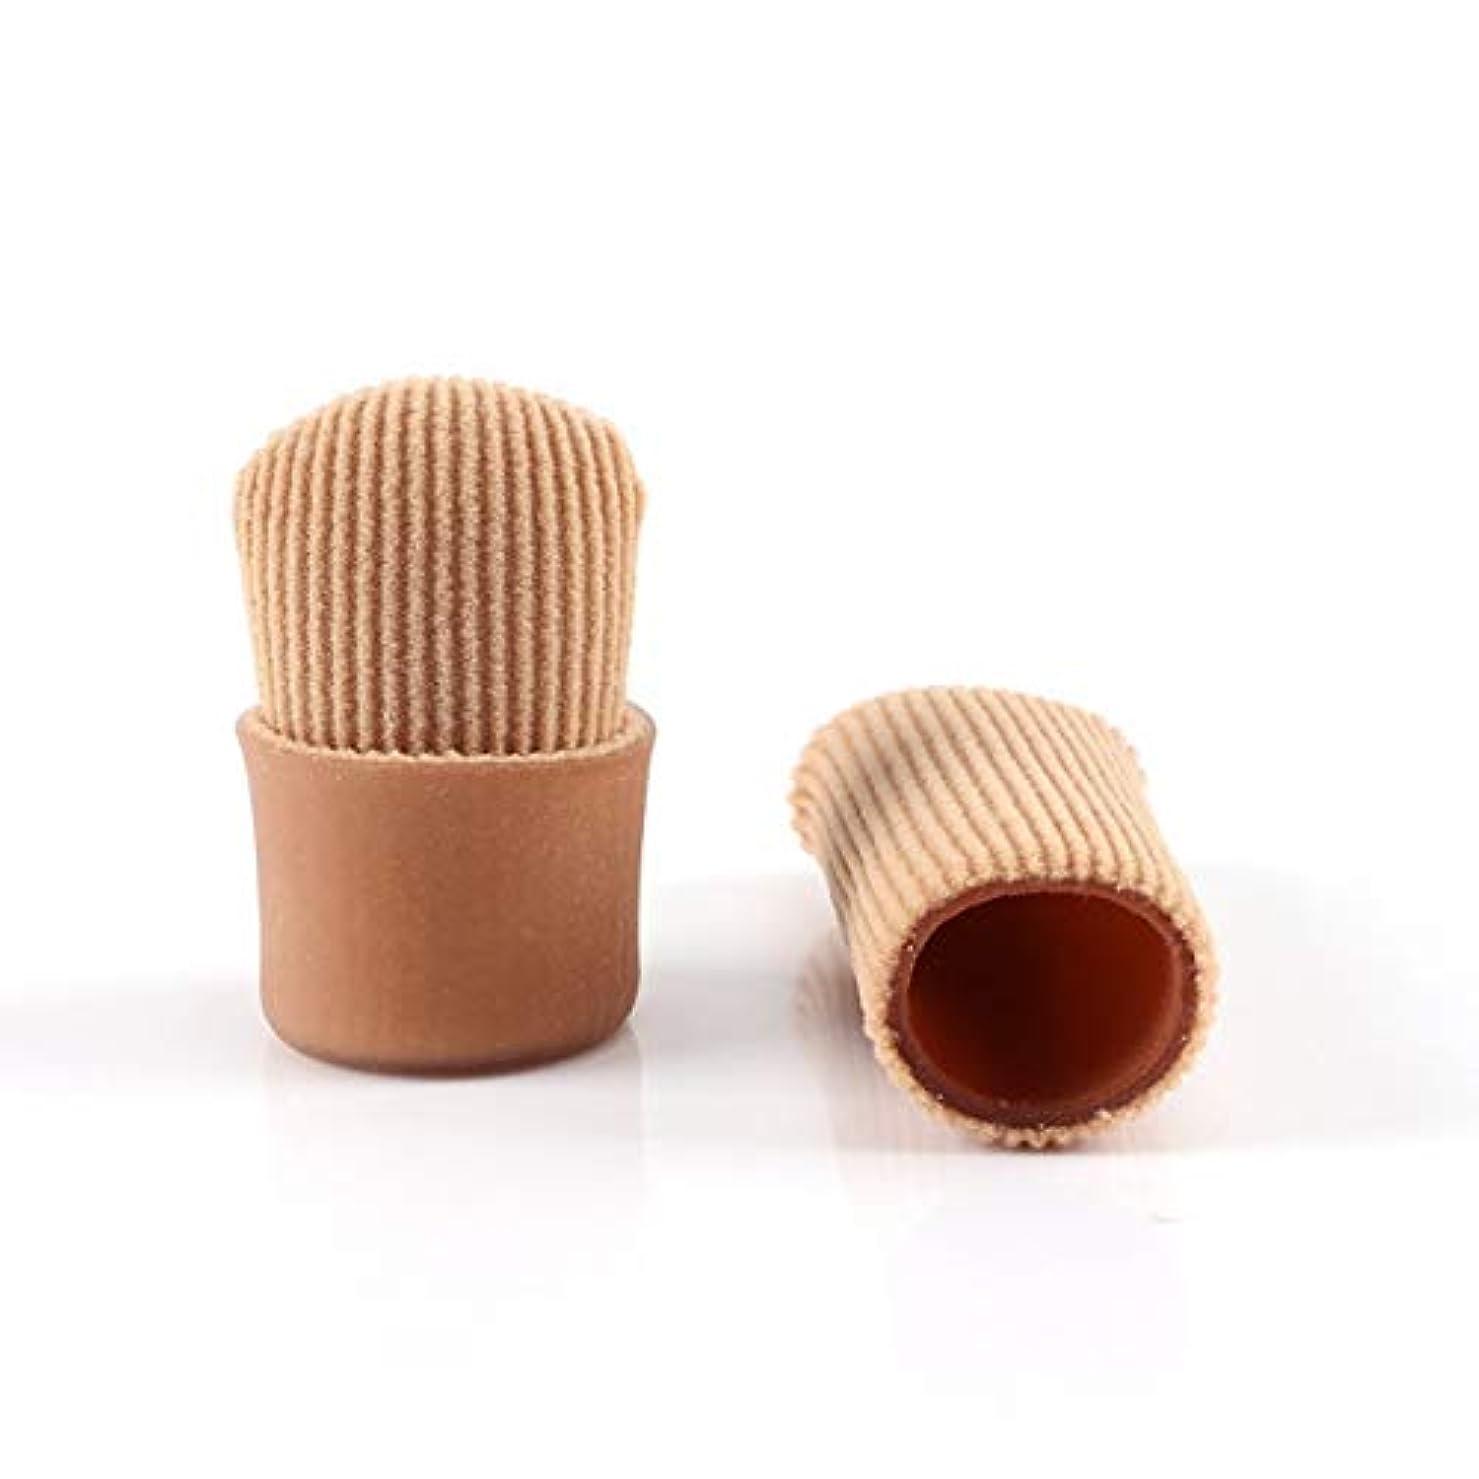 塊恐ろしいです肥満Open Toe Tubes Gel Lined Fabric Sleeve Protectors To Prevent Corns, Calluses And Blisters While Softening Soothing...